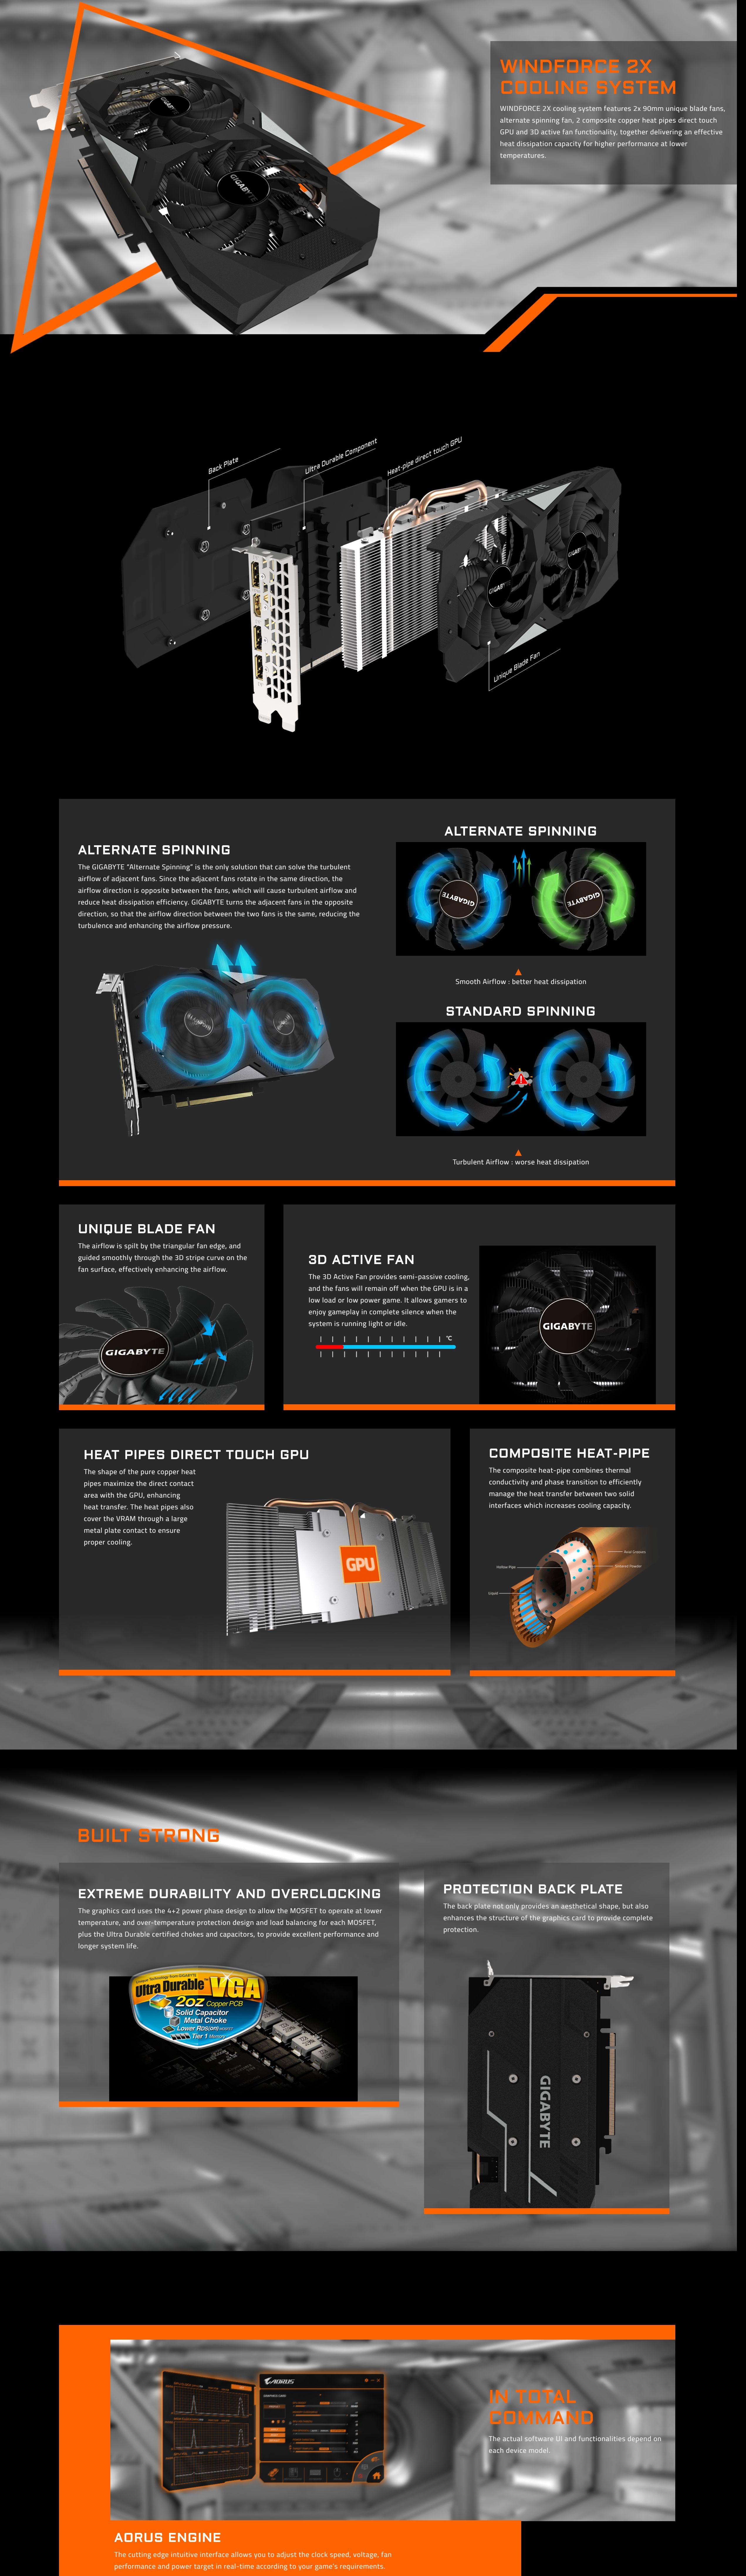 #1746 - 'GeForce RTX™ 2060 OC 6G (rev_ 2_0) I Graphics Card - GIGABYTE Australia' - www_gigabyte_com.jpg